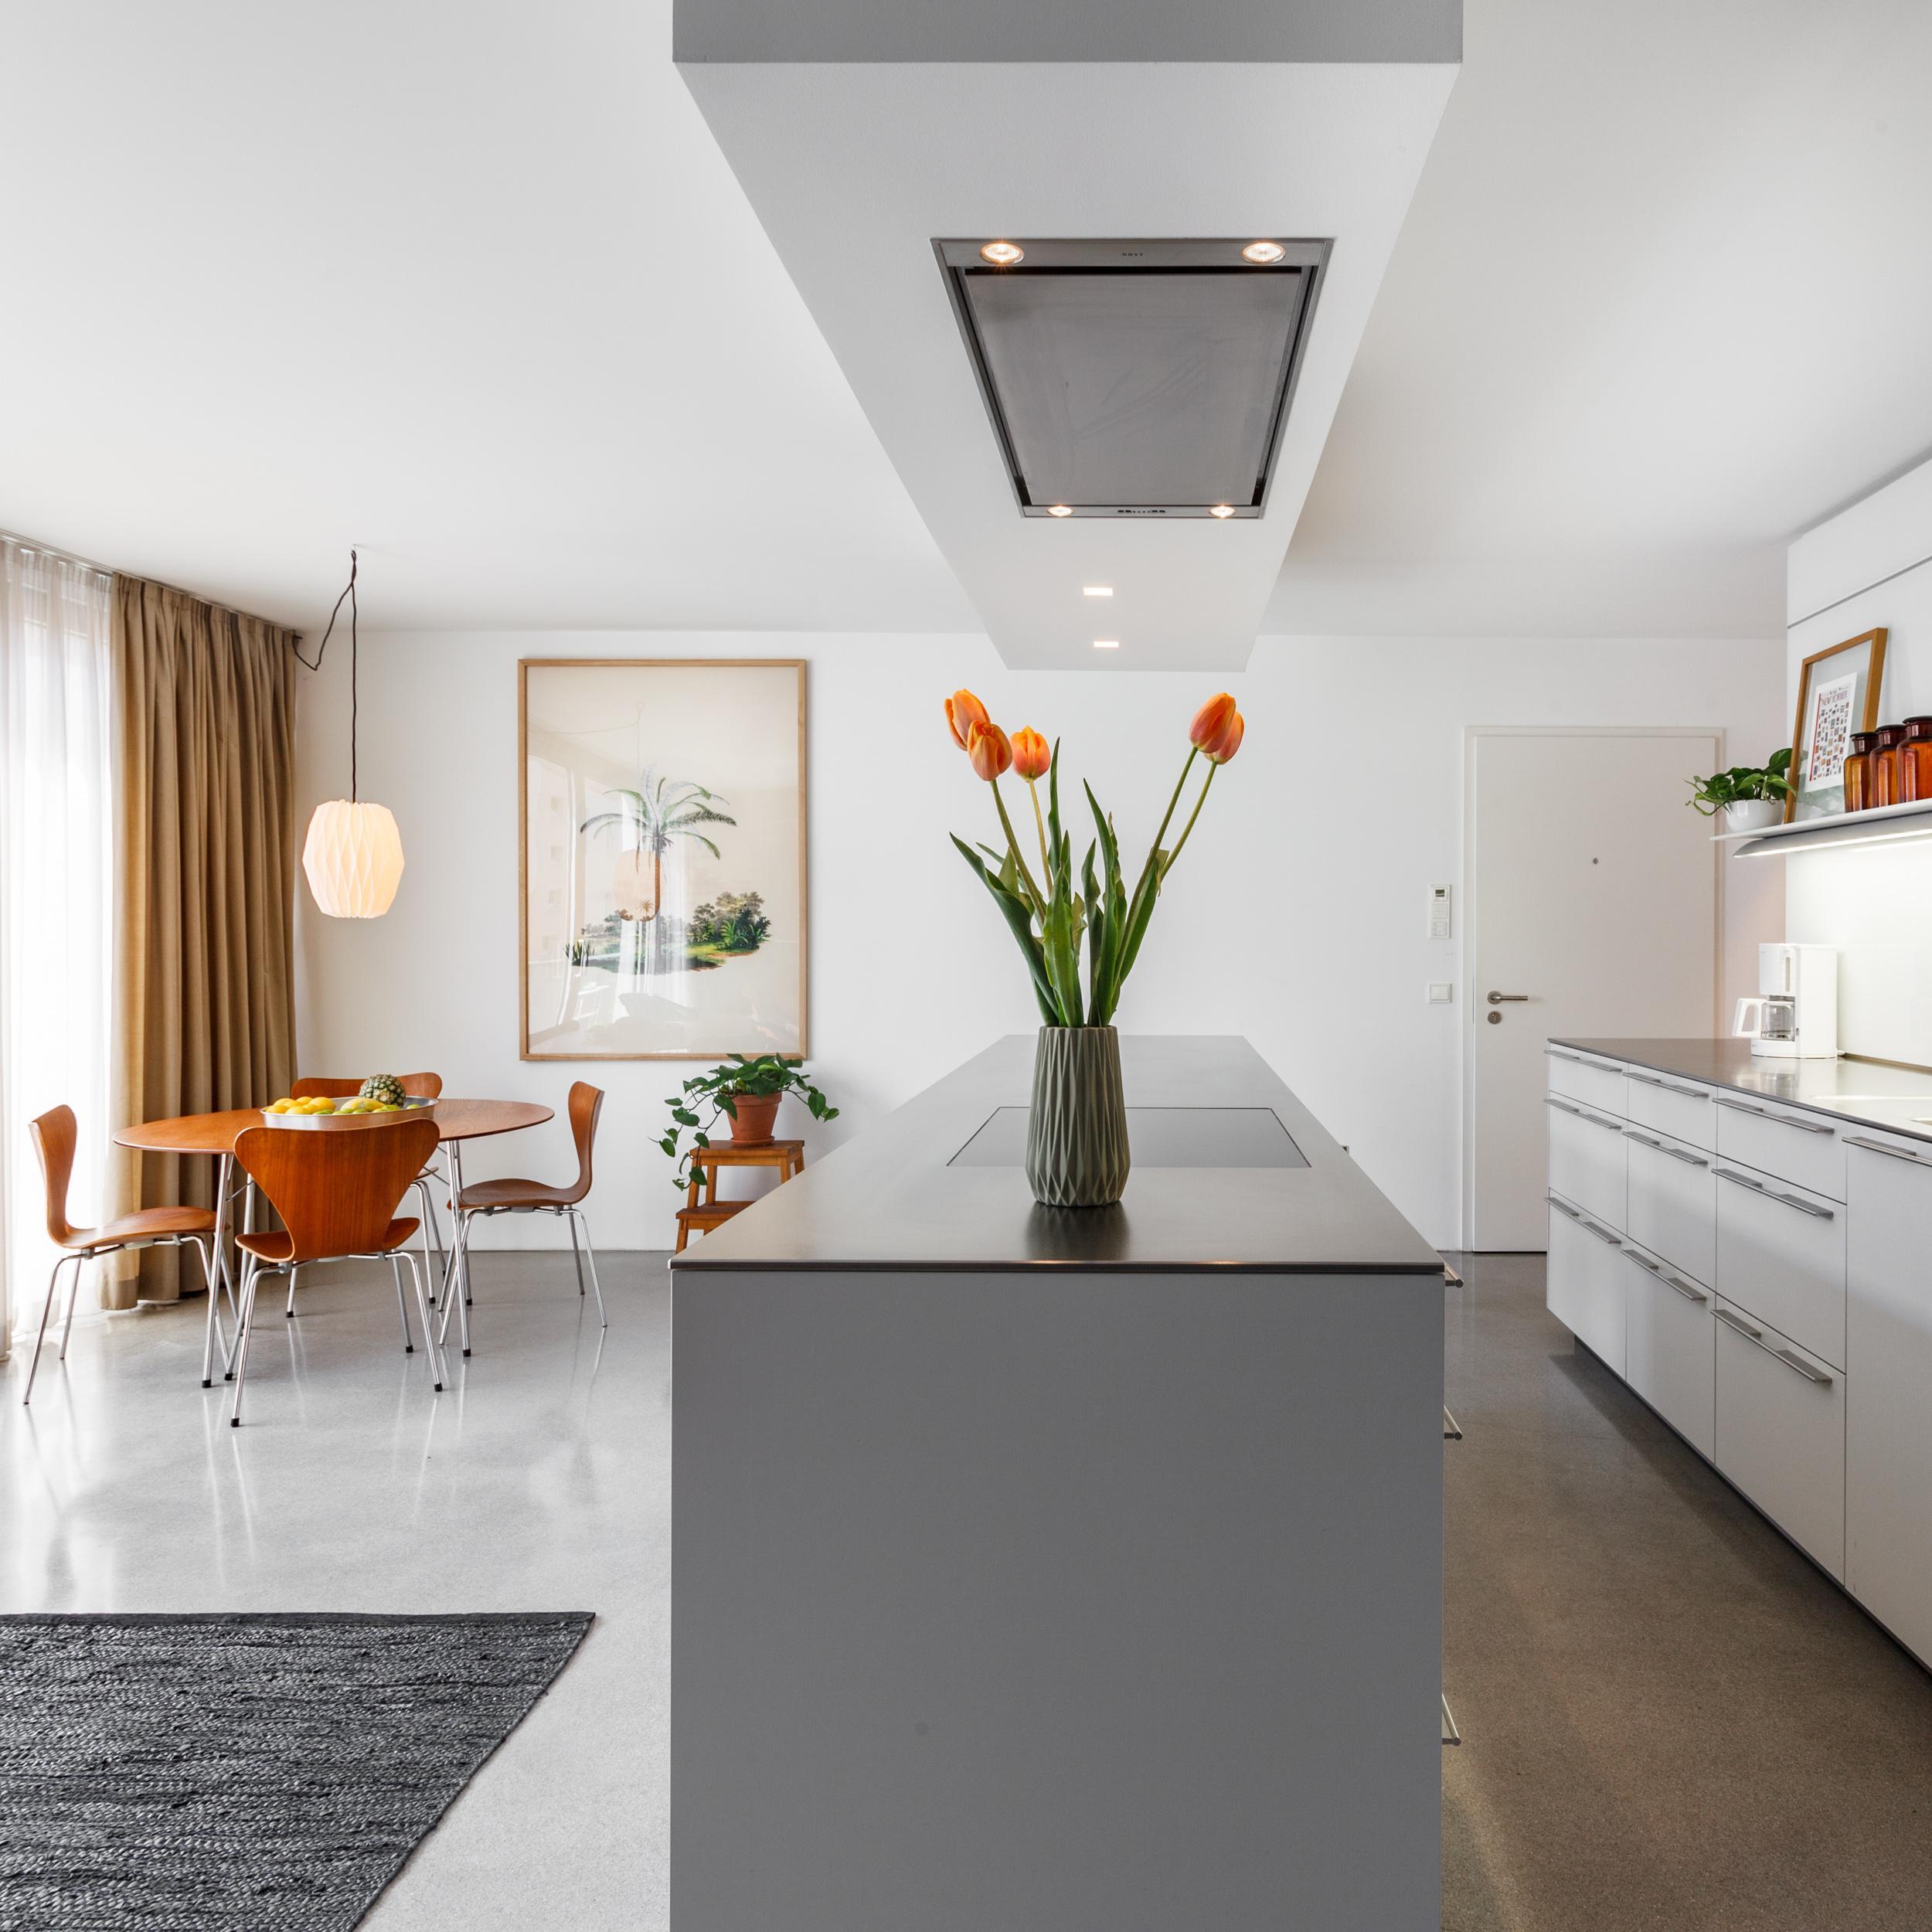 Einrichtungsideen wohnküche  Wohnküche • Bilder & Ideen • COUCHstyle